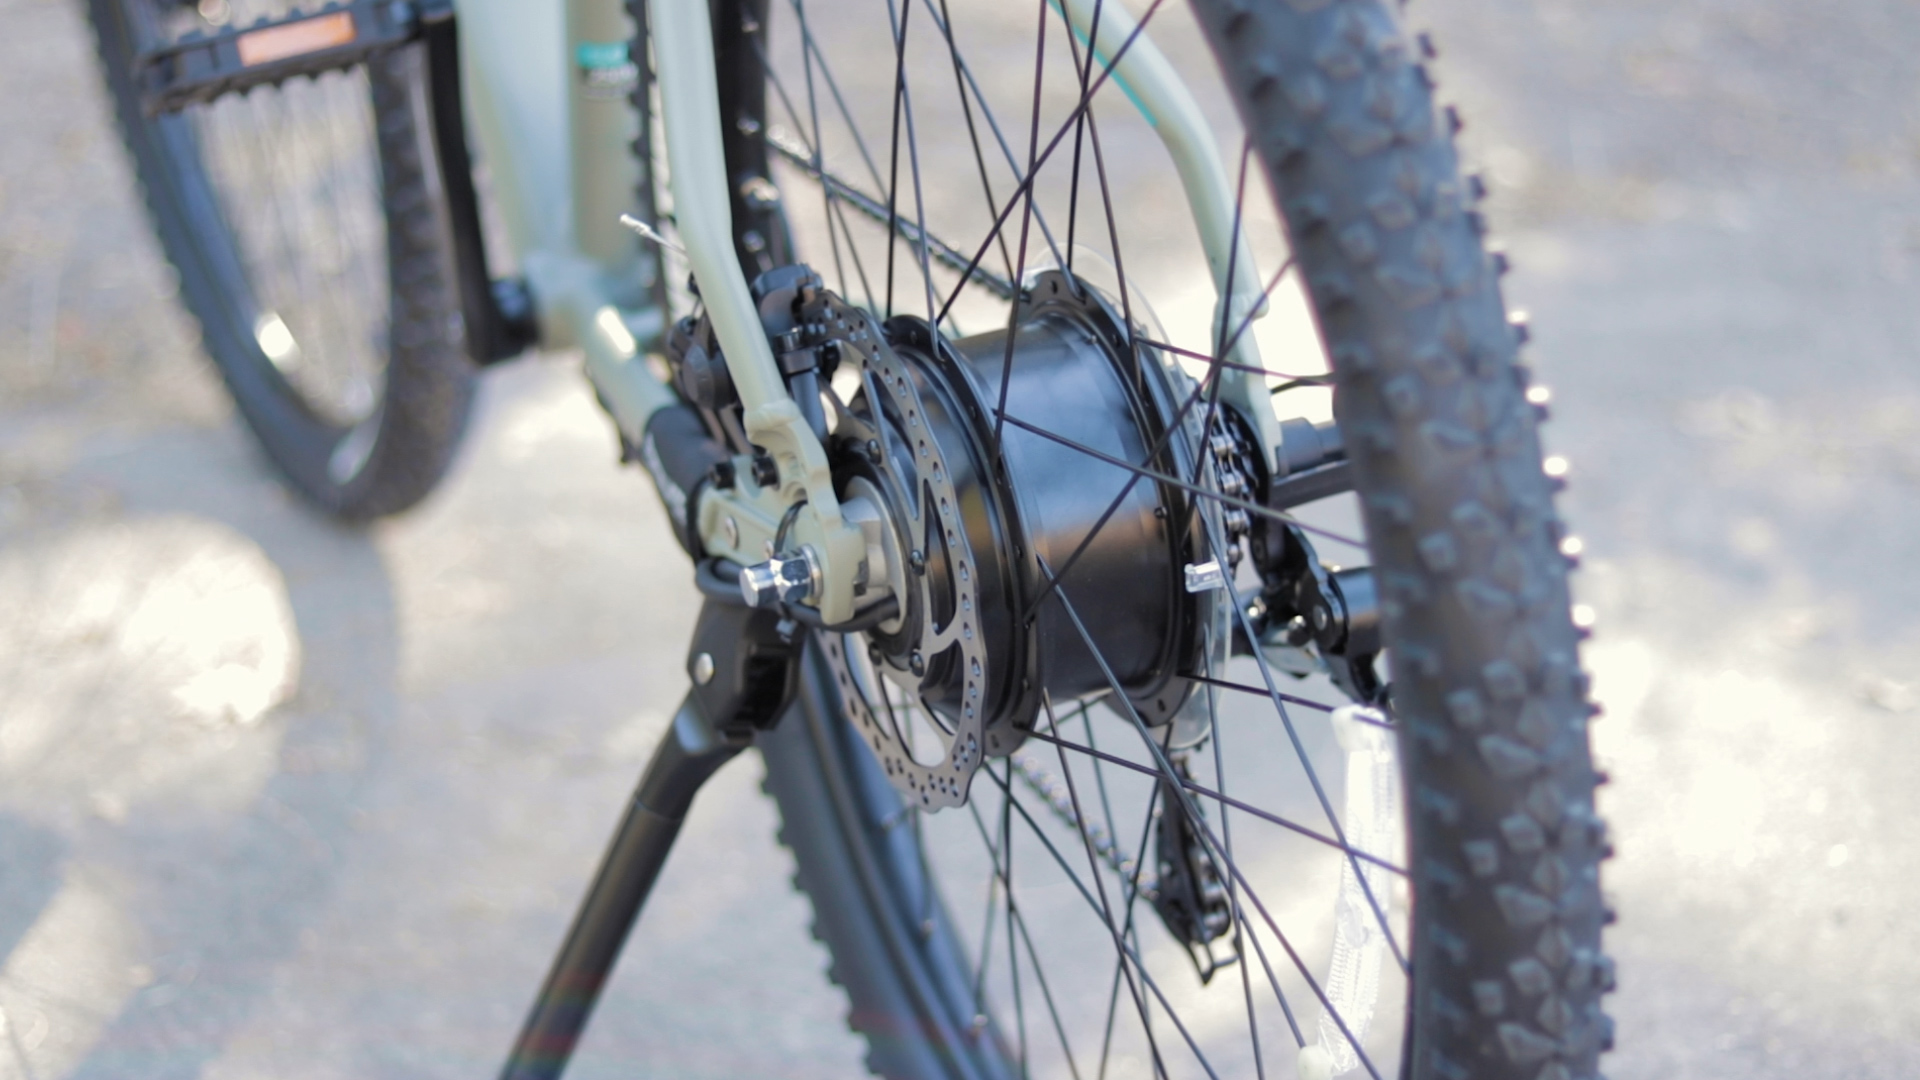 electrified-reviews-izip-trlz-electric-bike-review-shimano-hub-motor.jpg